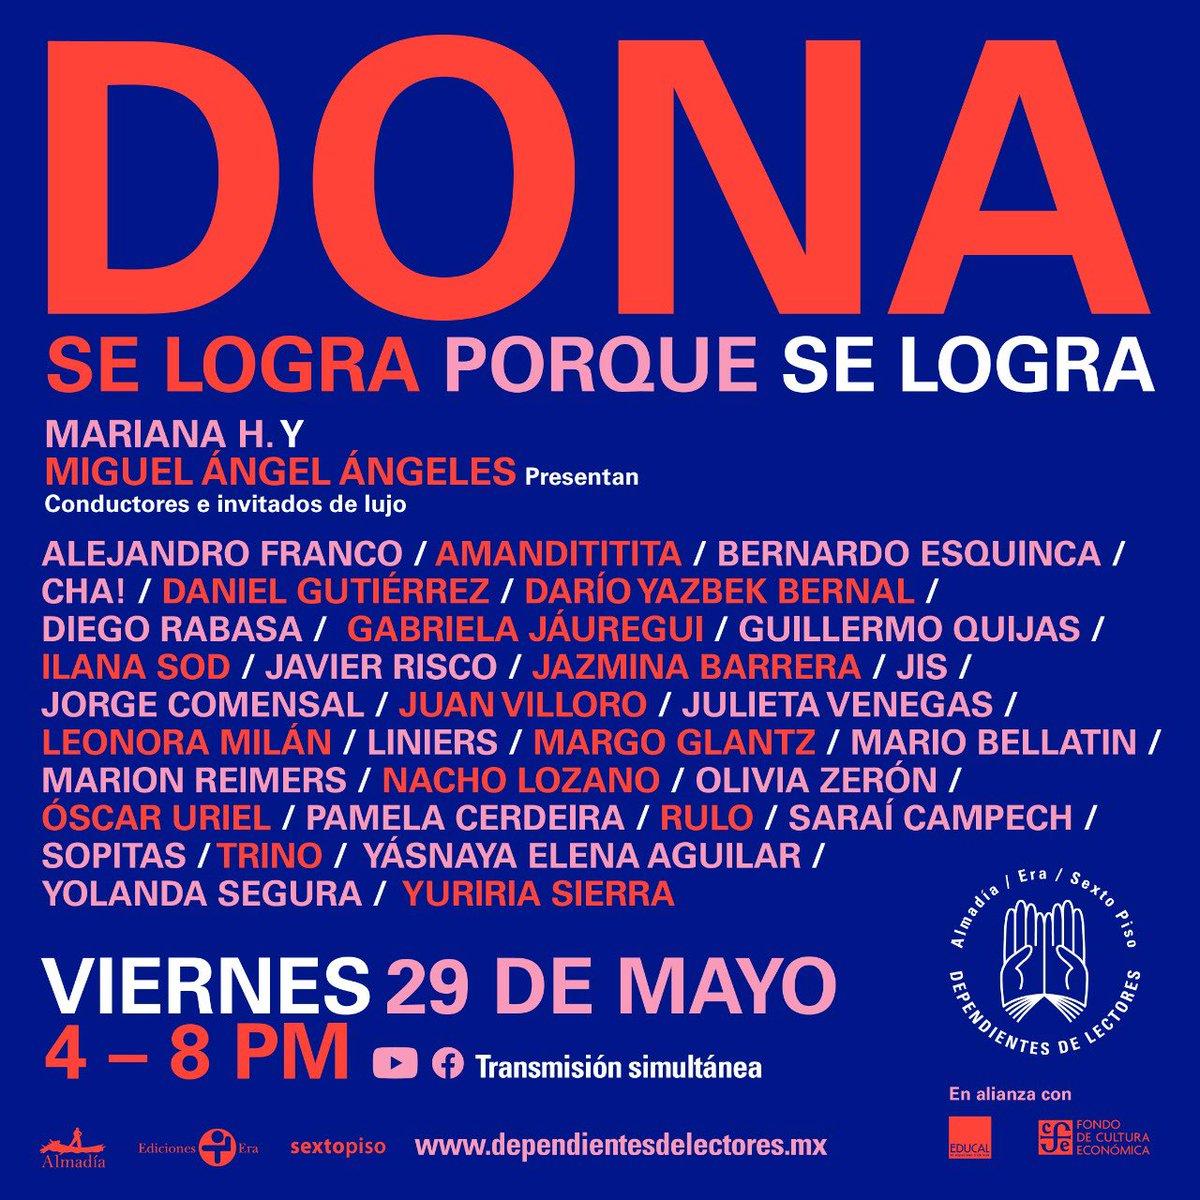 Mañana #SeLograPorqueSeLogra,💥💥💥 un maratón de donaciones que trasmitiremos en vivo en el canal YouTube #DependientesDeLectores. Un último esfuerzo de amigos periodistas con la intención de ayudarnos a lograr la meta 💕 https://t.co/Vp7j02rEdW